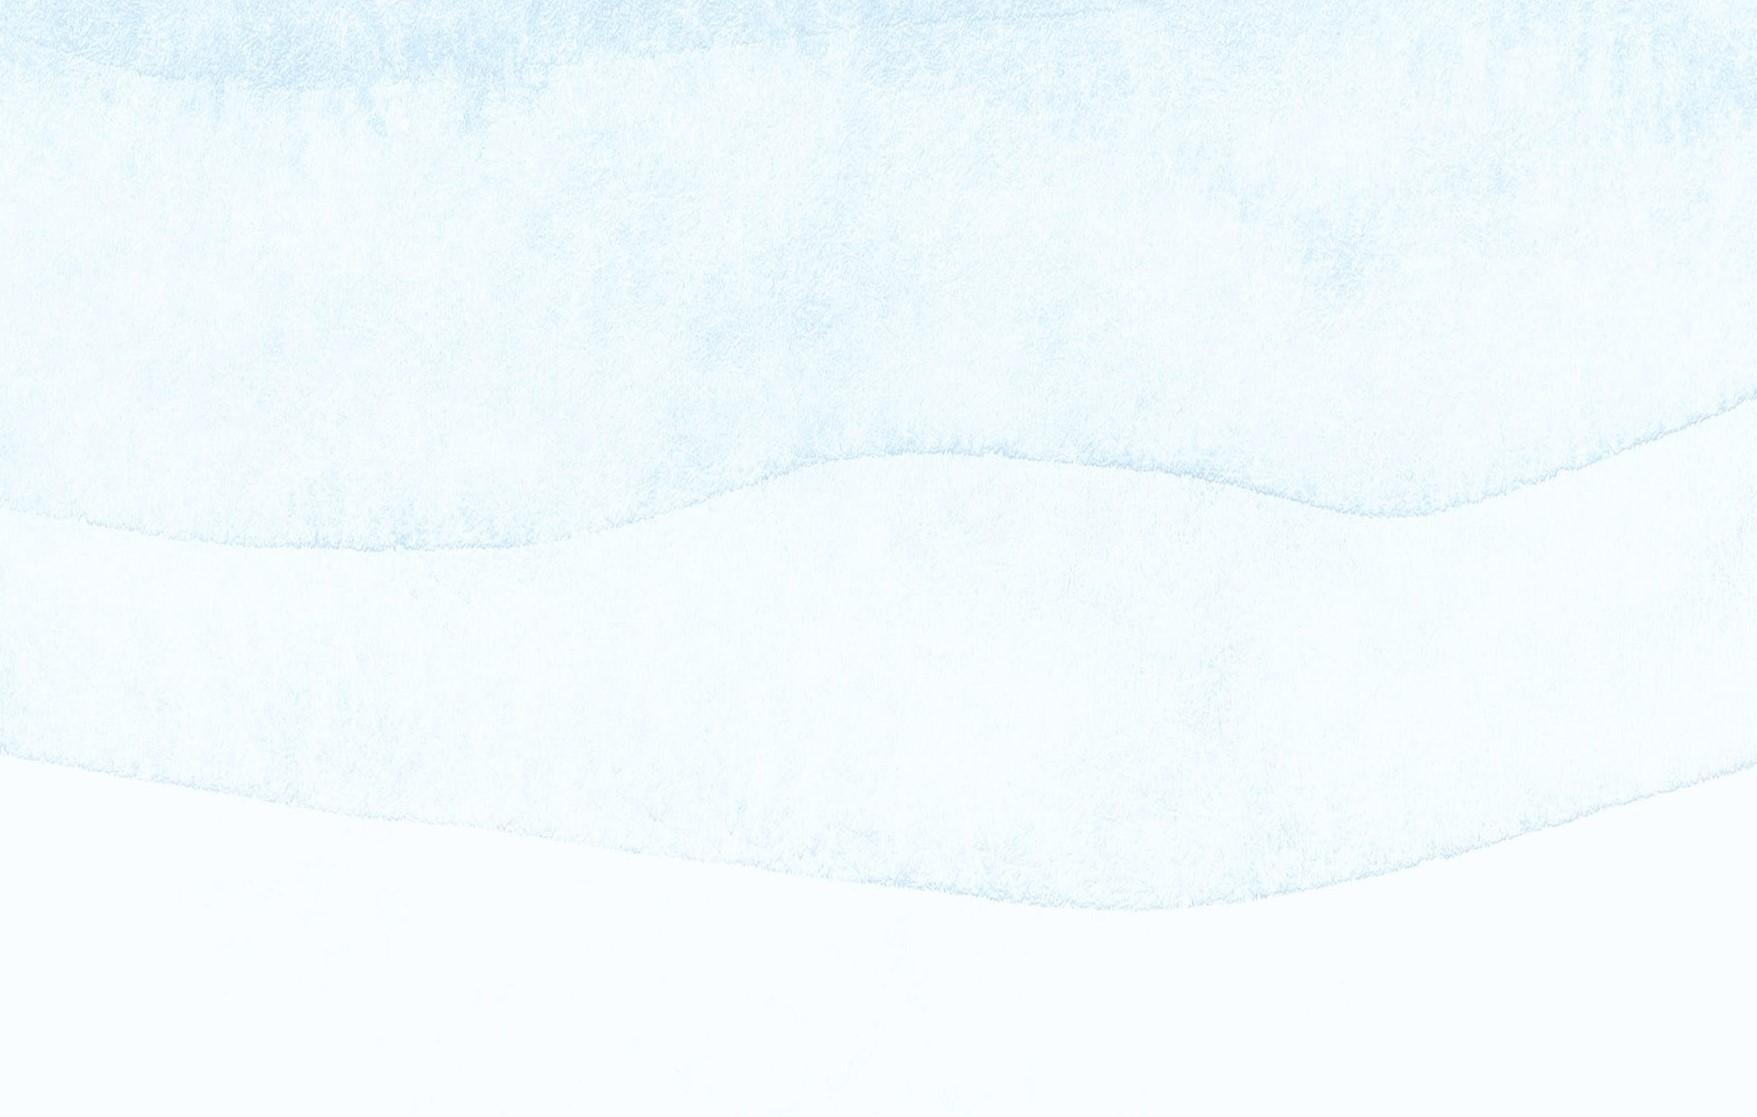 bg_02-kaso.jpg